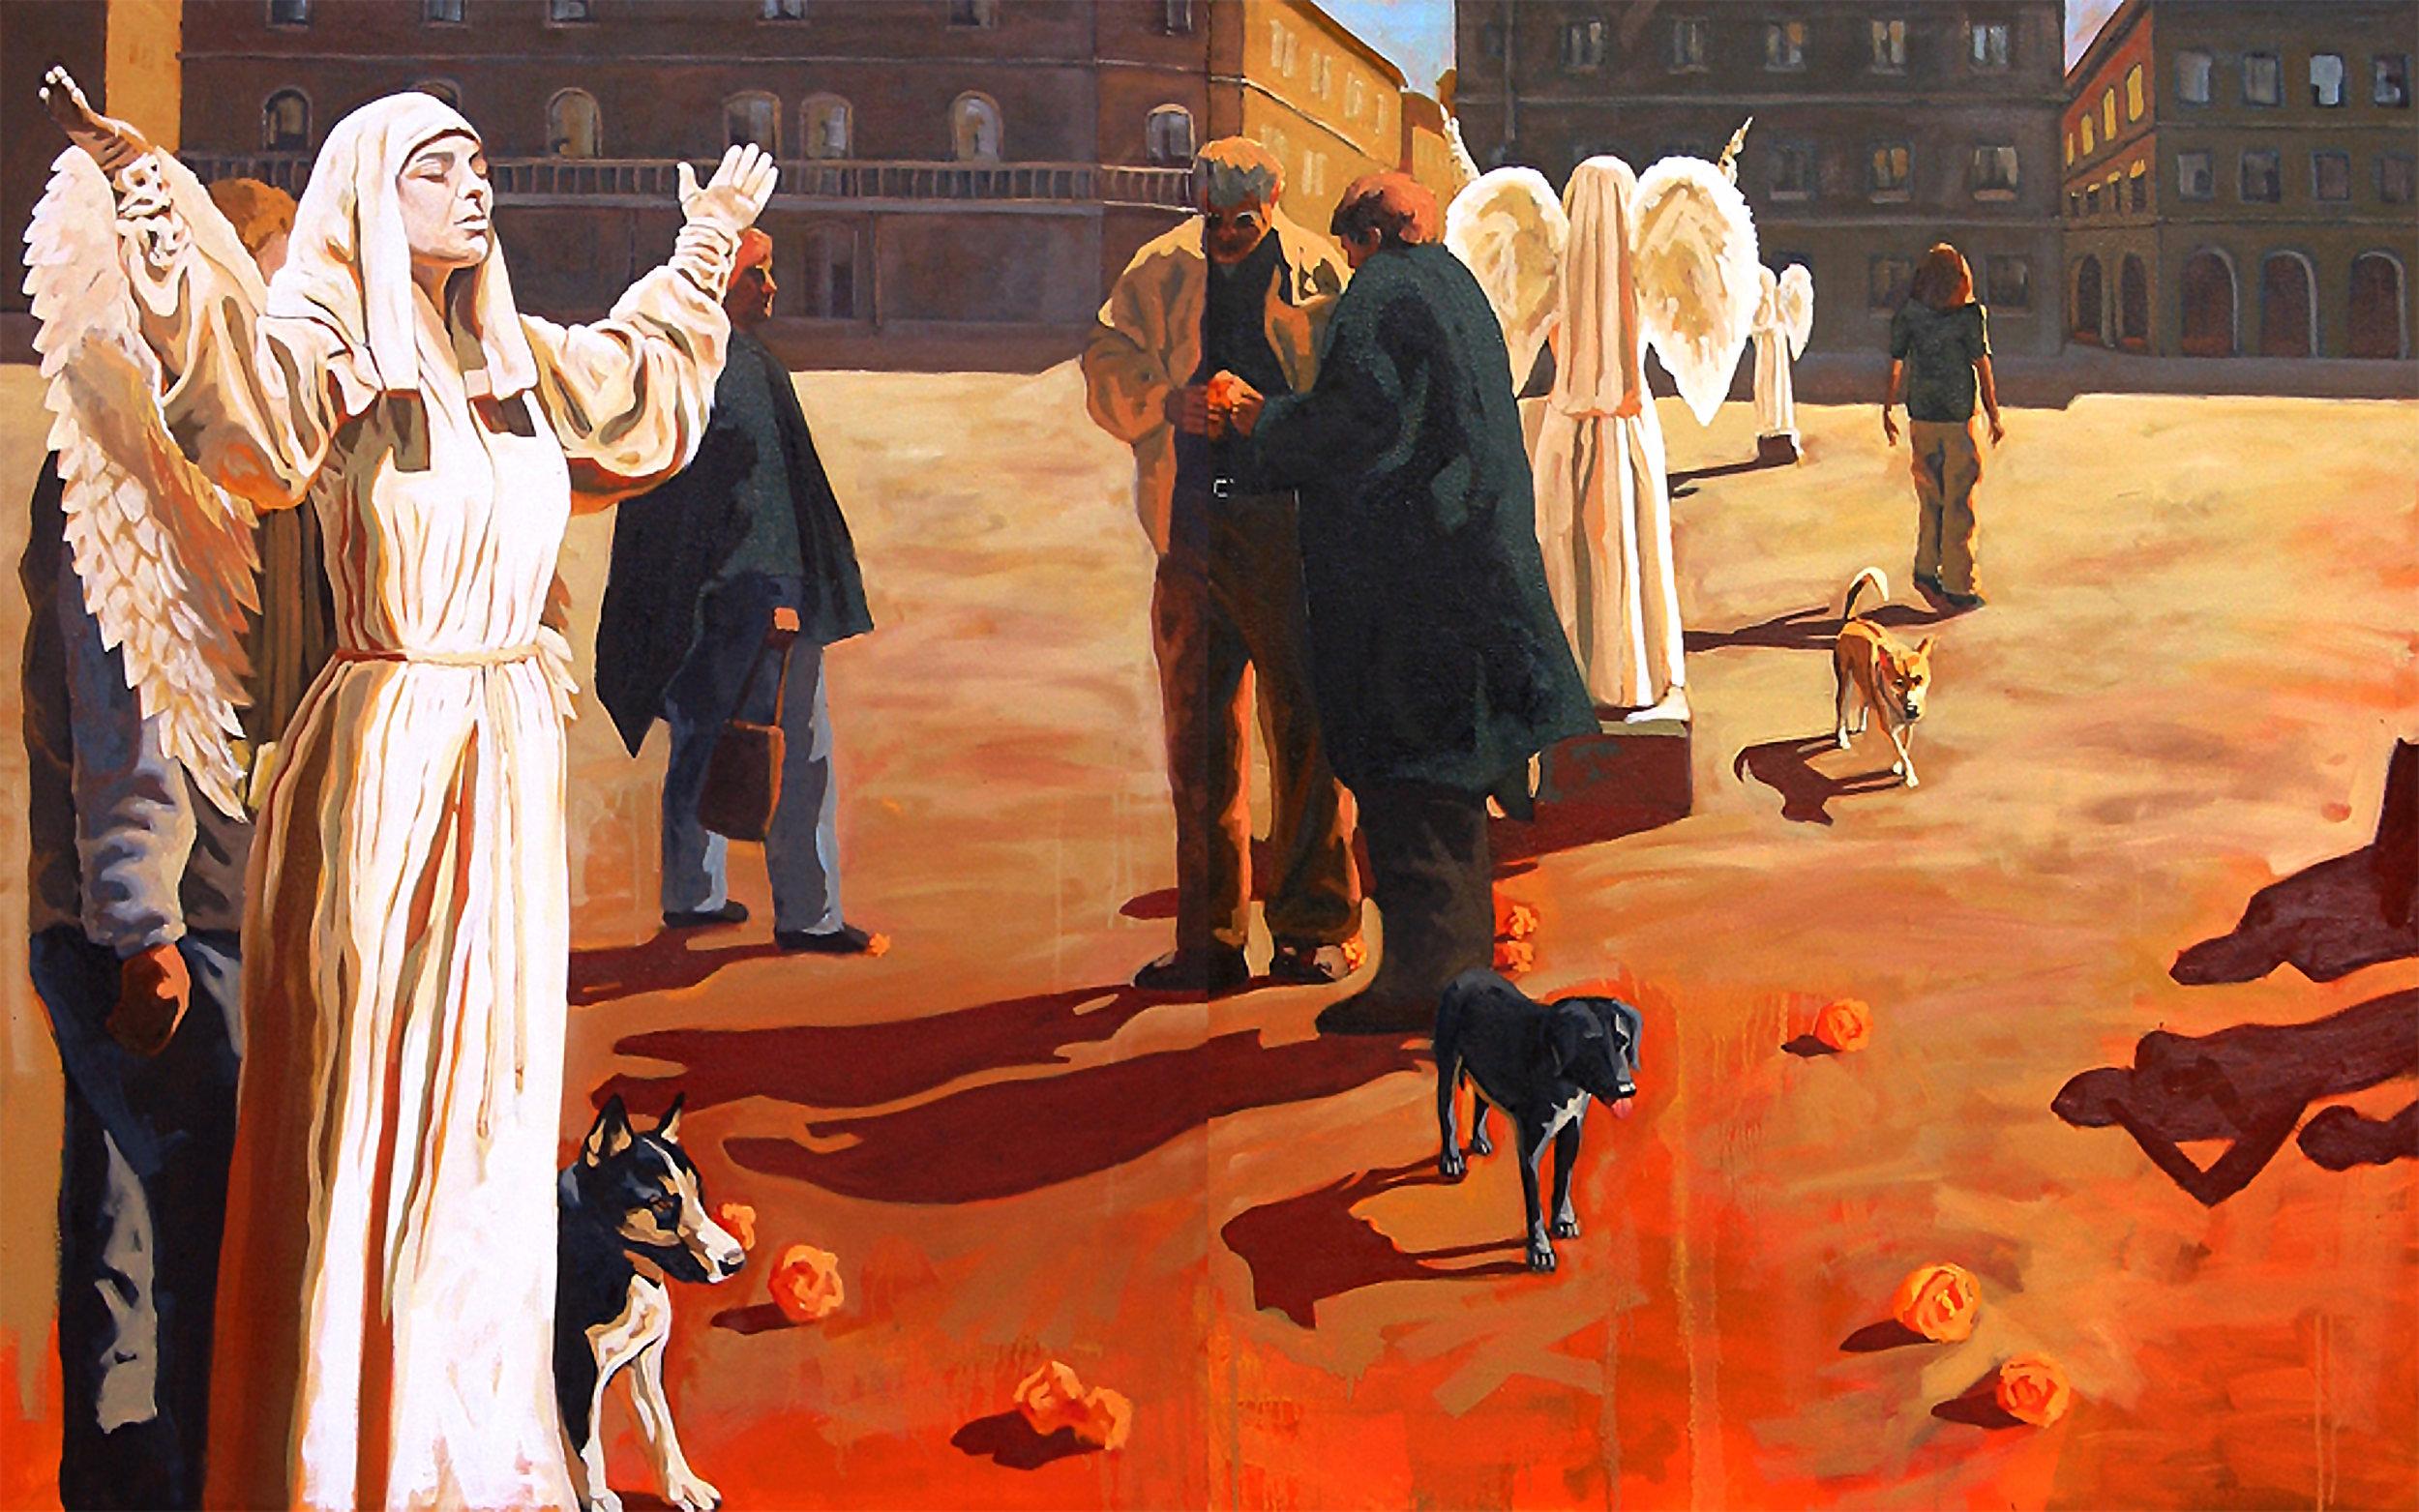 Piazza Degli Angeli, 50 x 80 in, oil on canvas, 2003